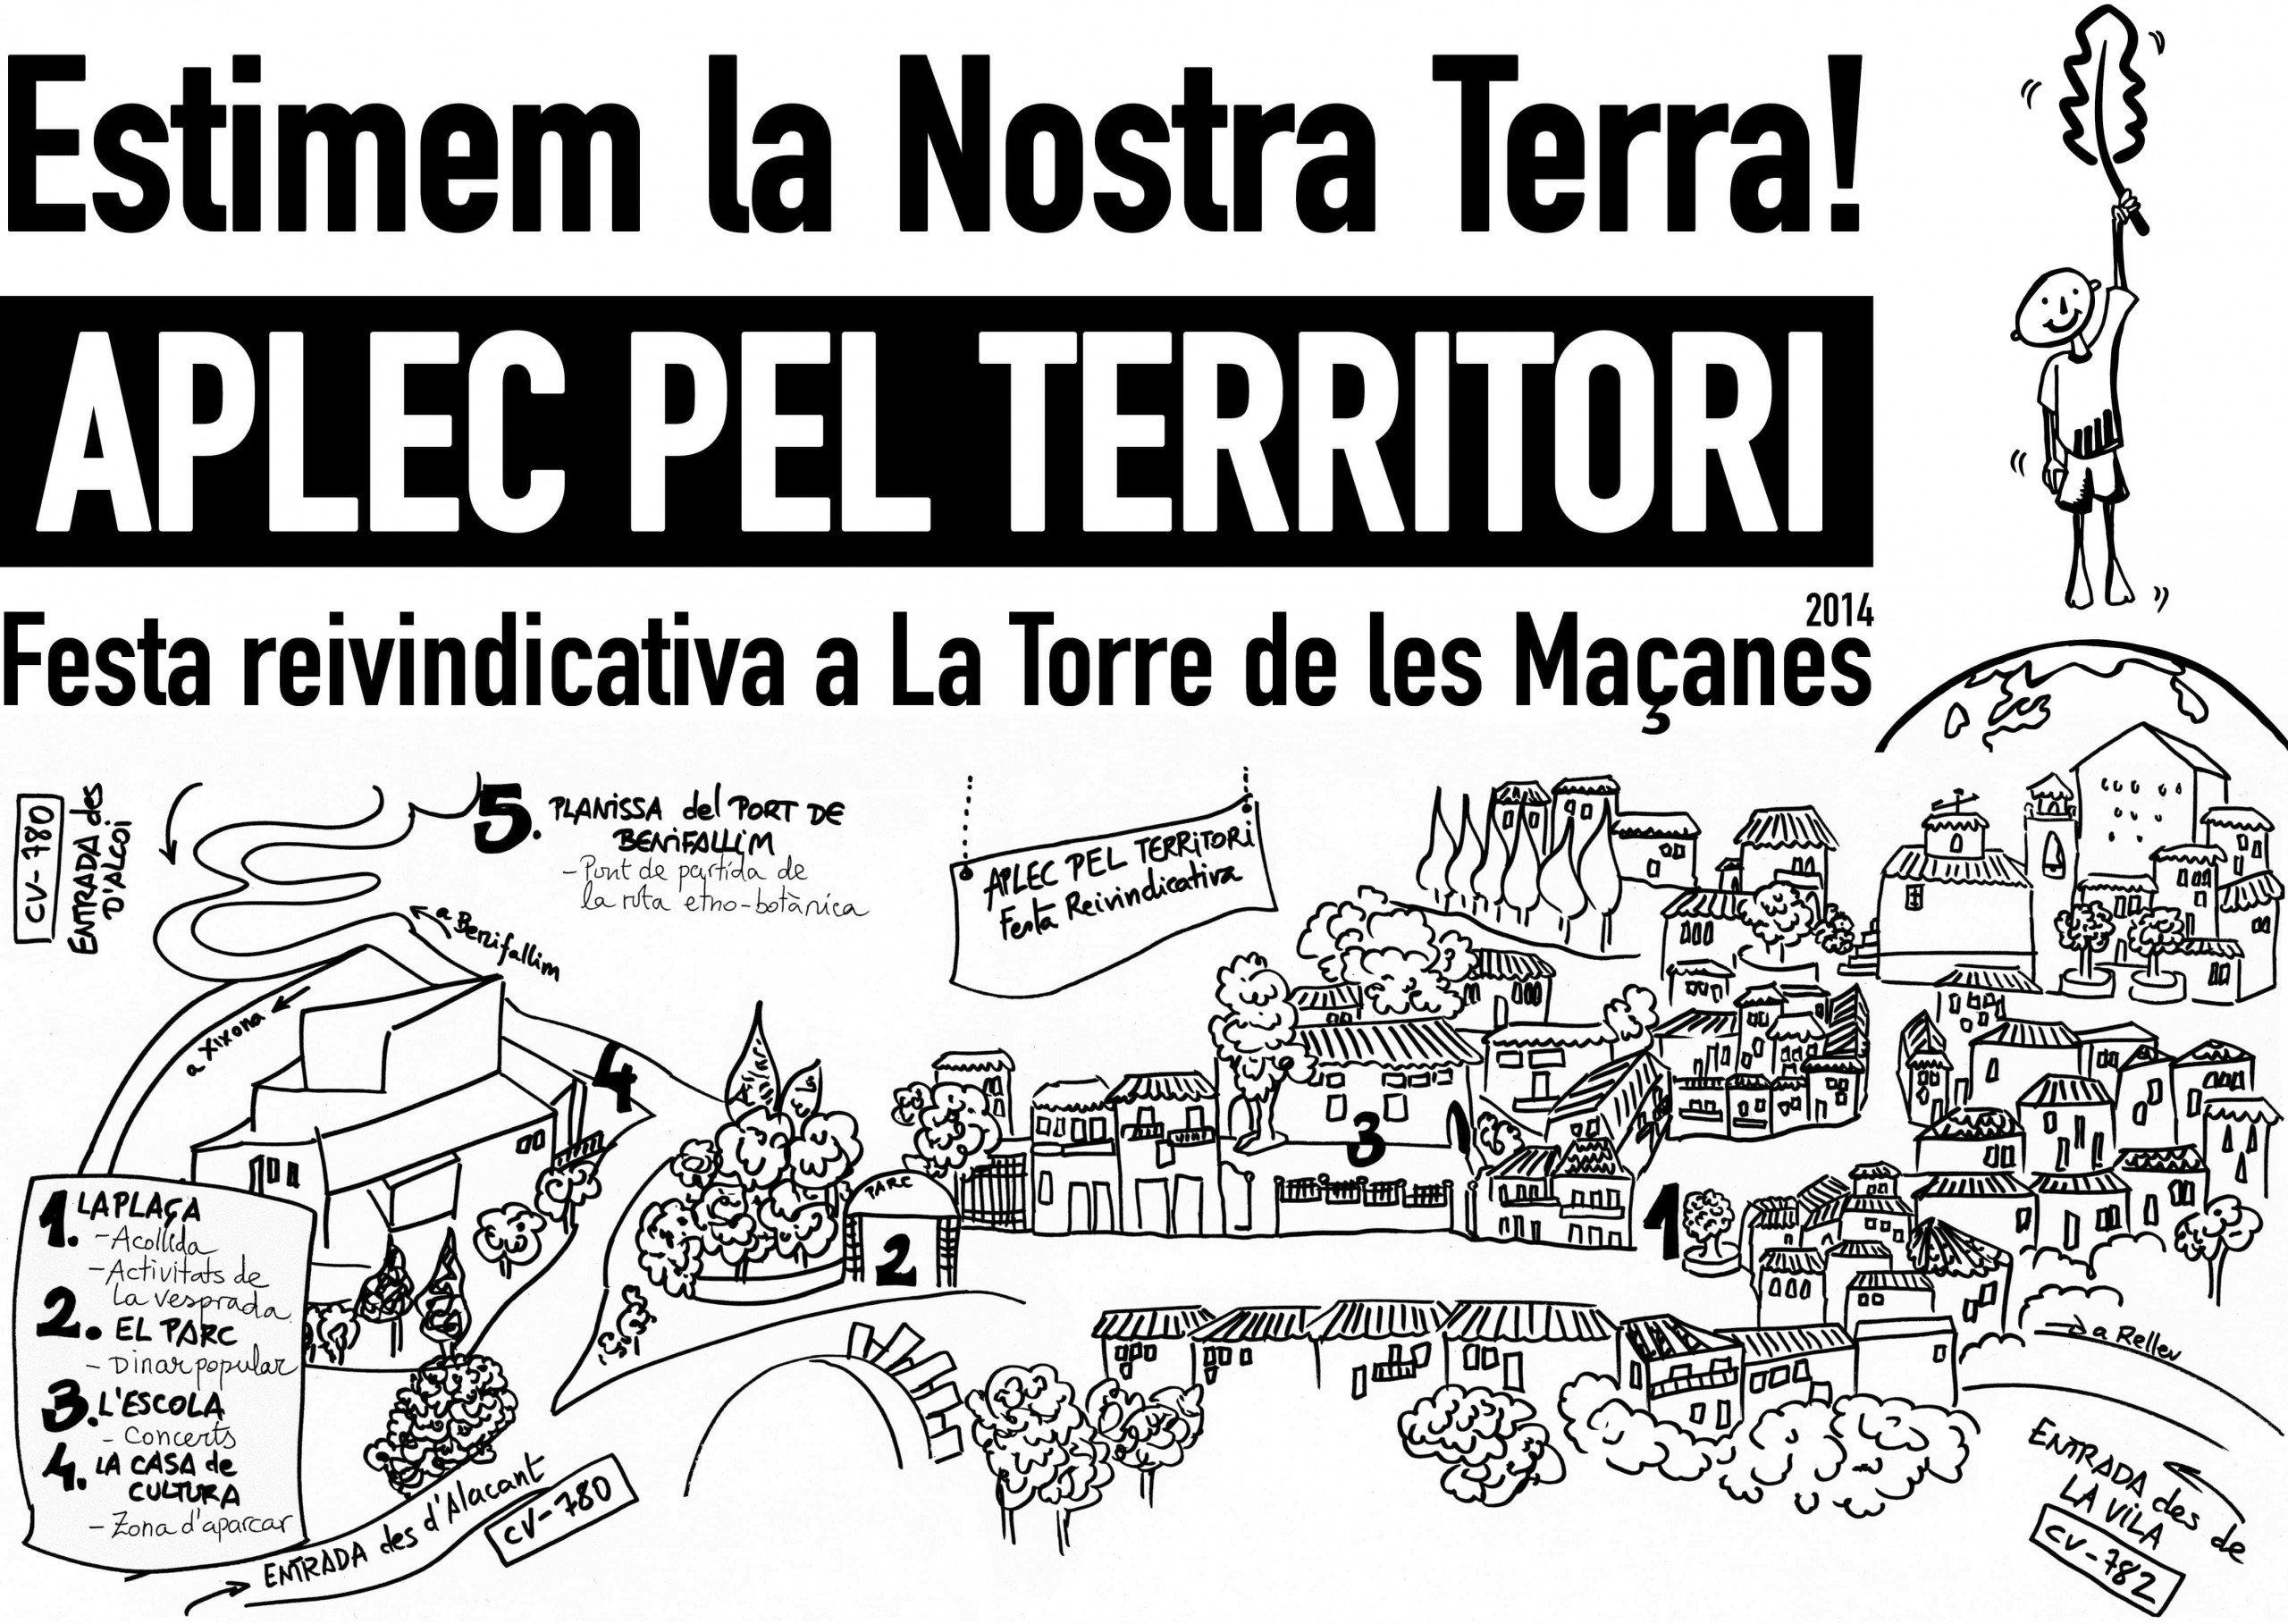 Plànol de situació de l'Aplec pel Territori